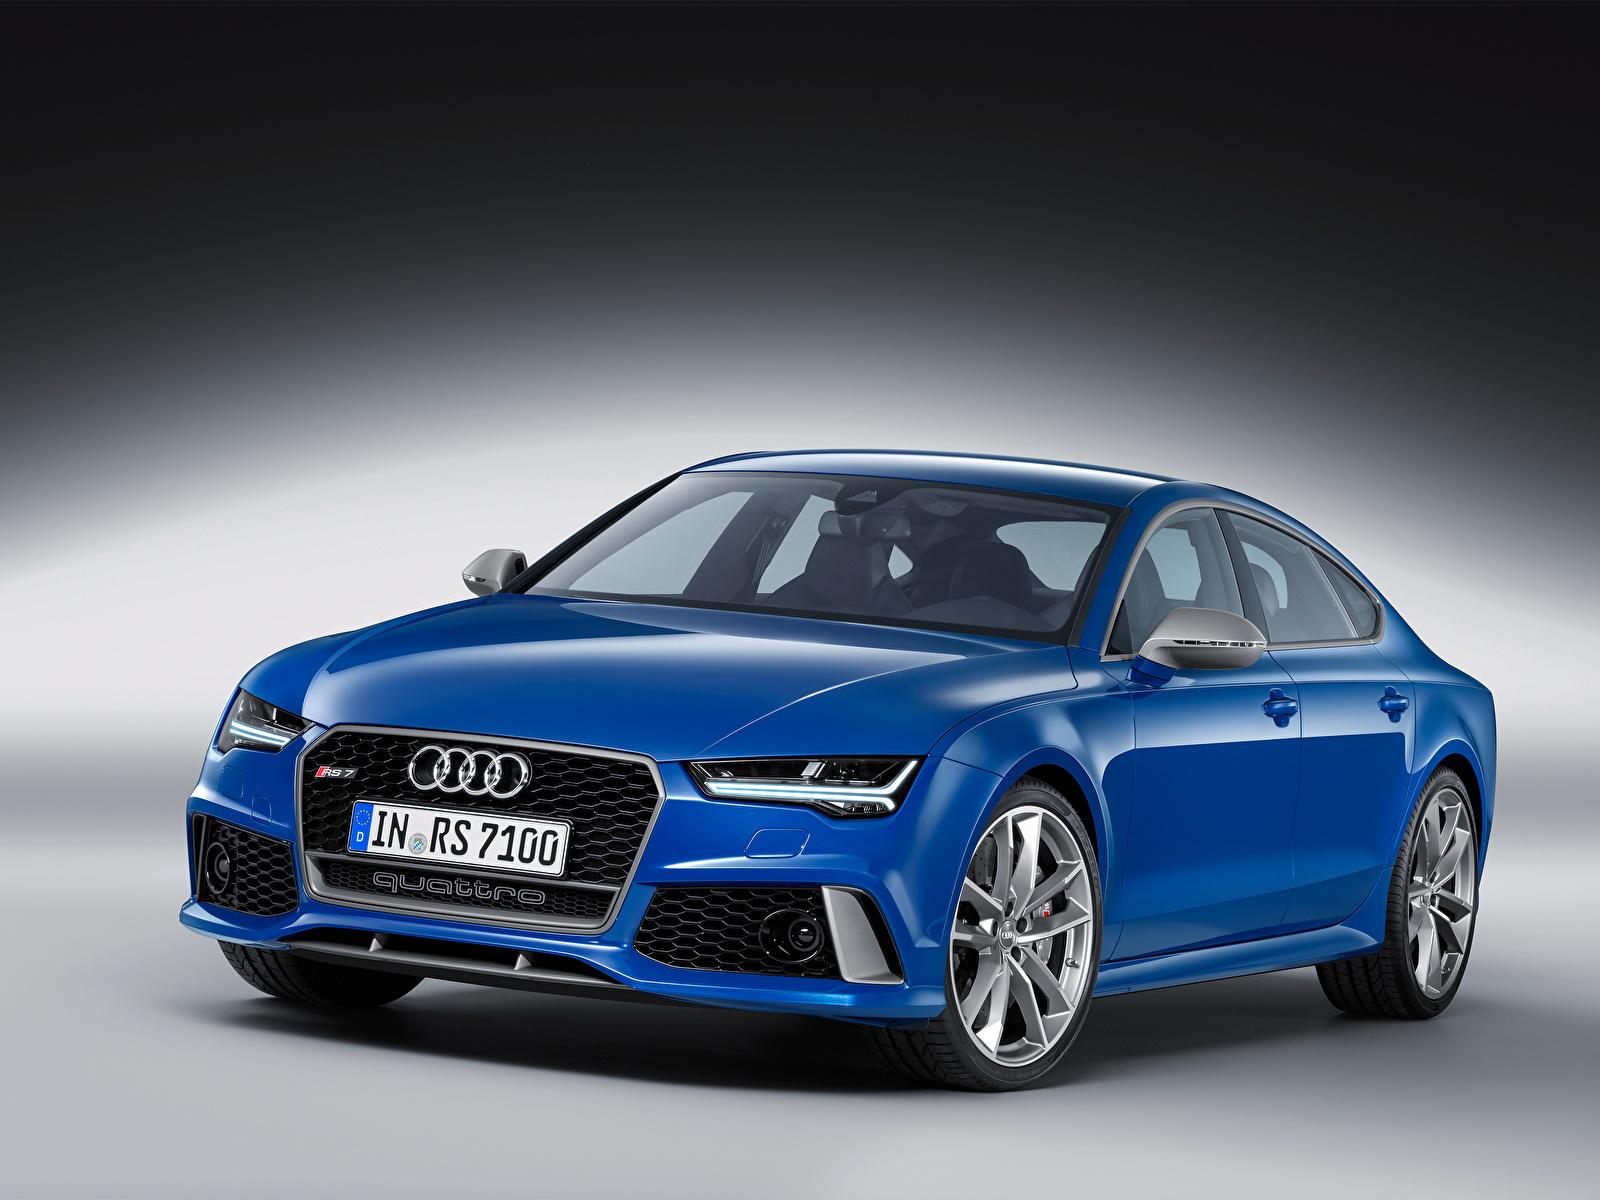 Desktop Wallpapers Audi Rs 7 Blue Auto 1600x1200